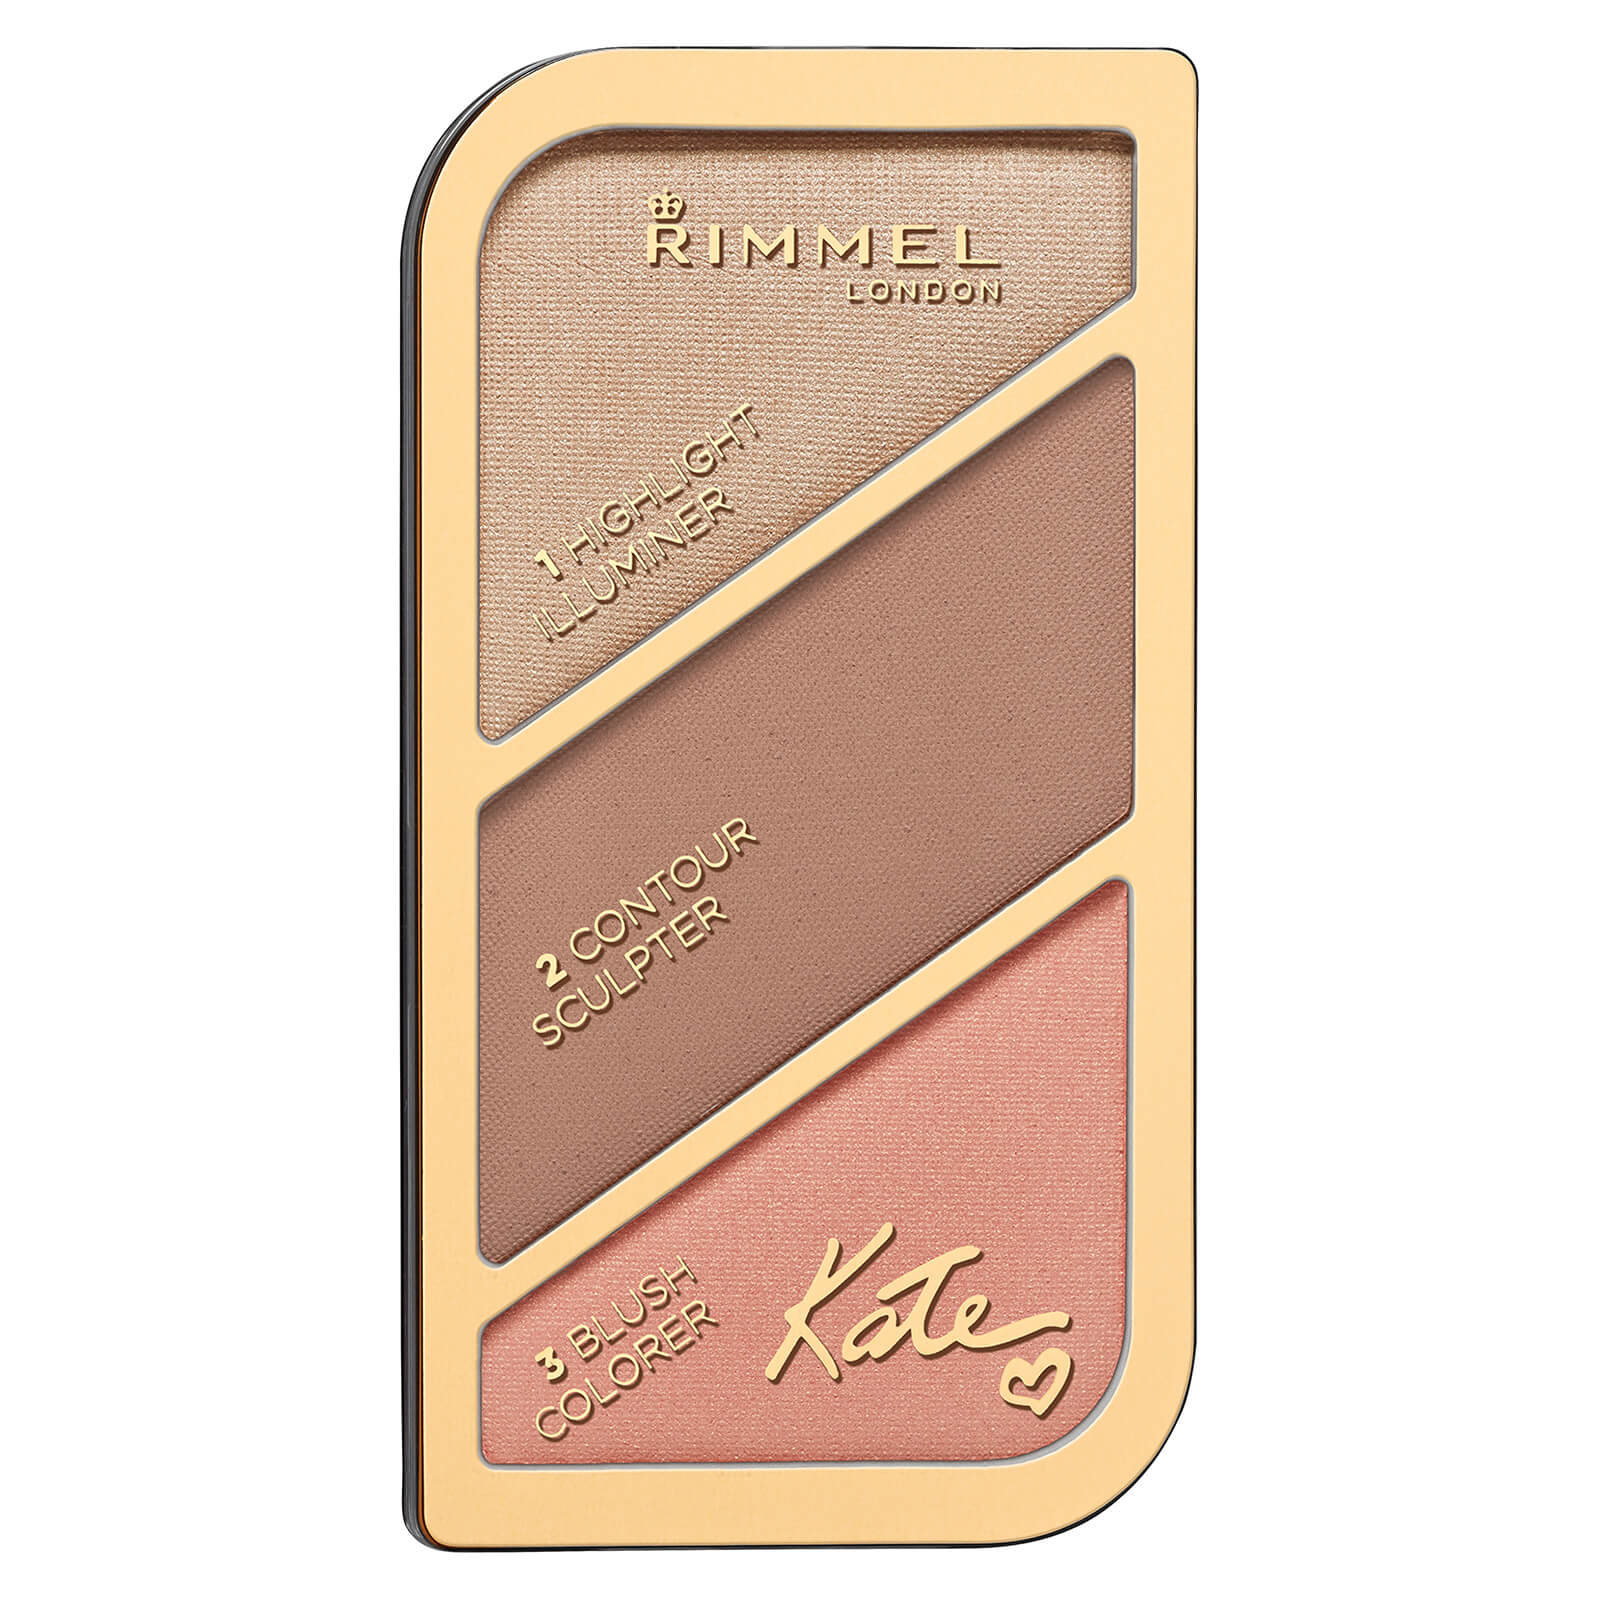 Paleta para el rostro de Rimmel x Kate Moss